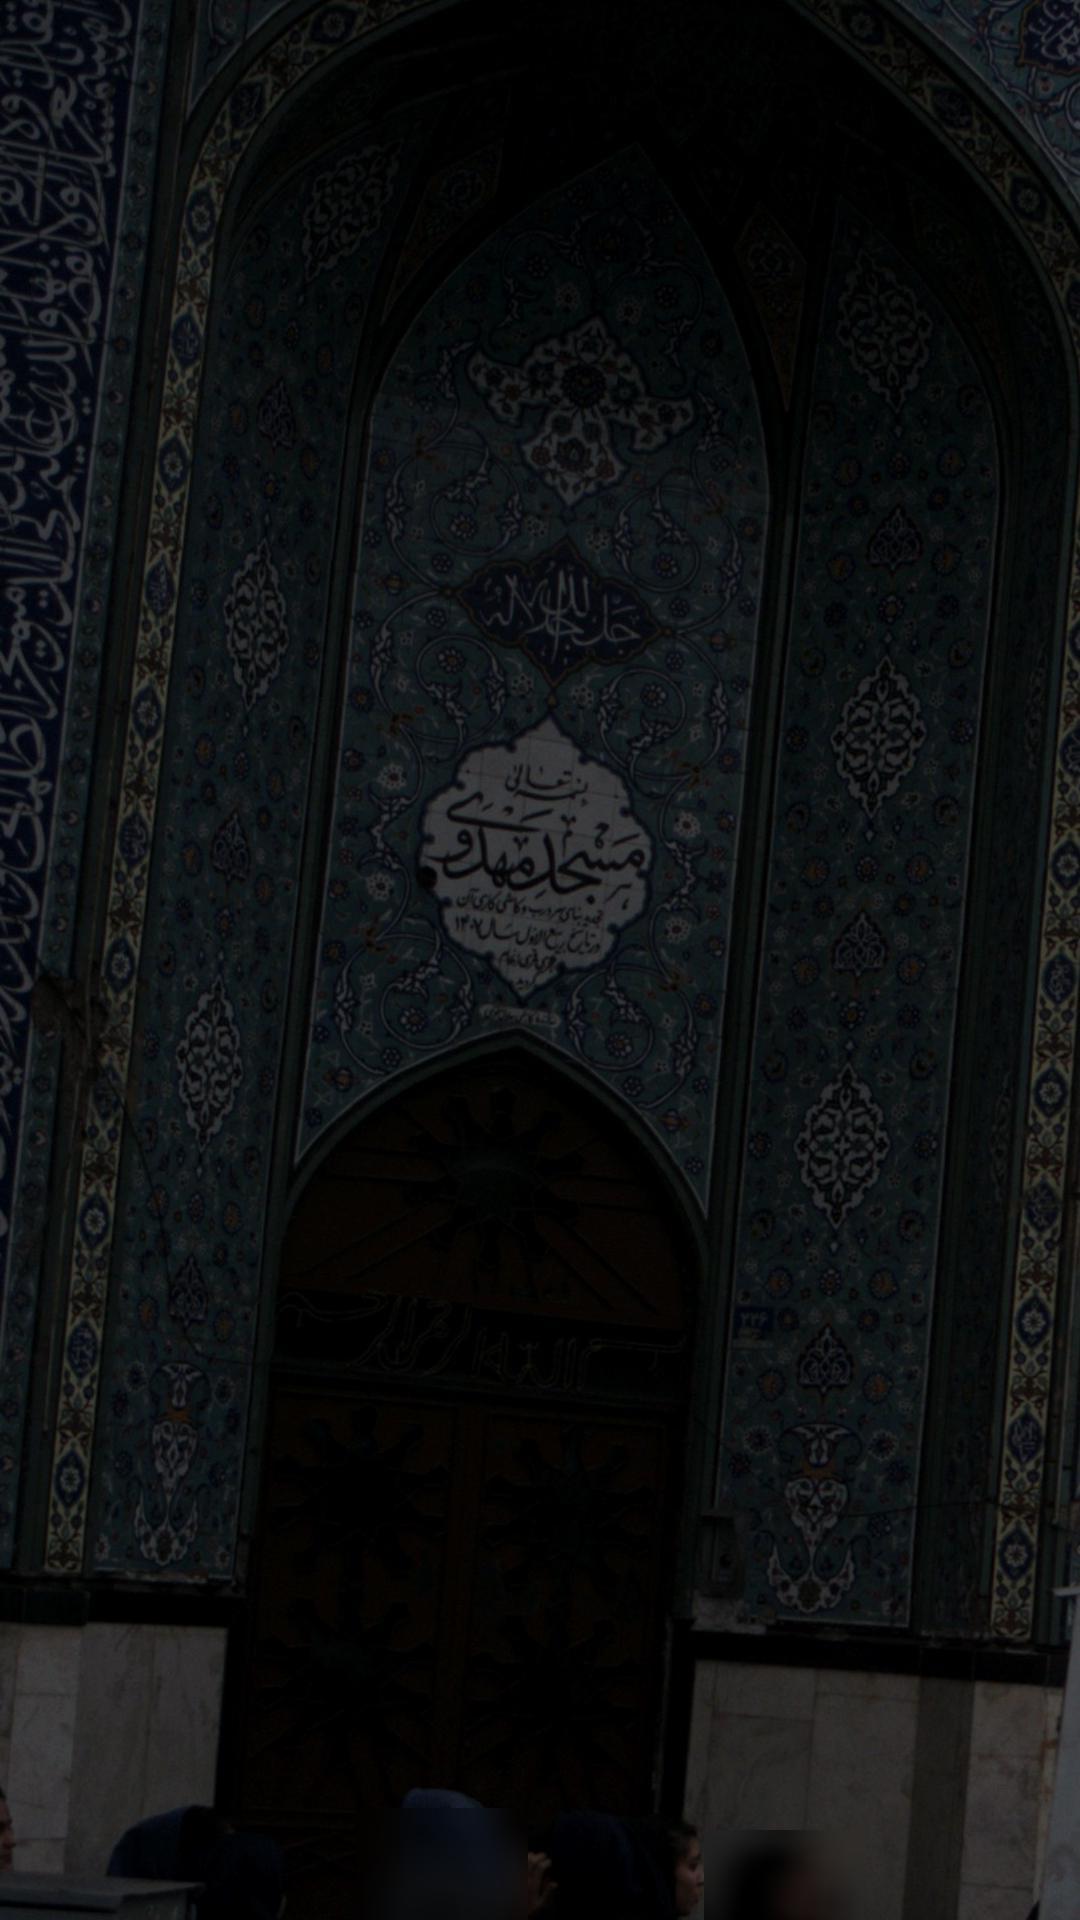 مسجد مهدوی